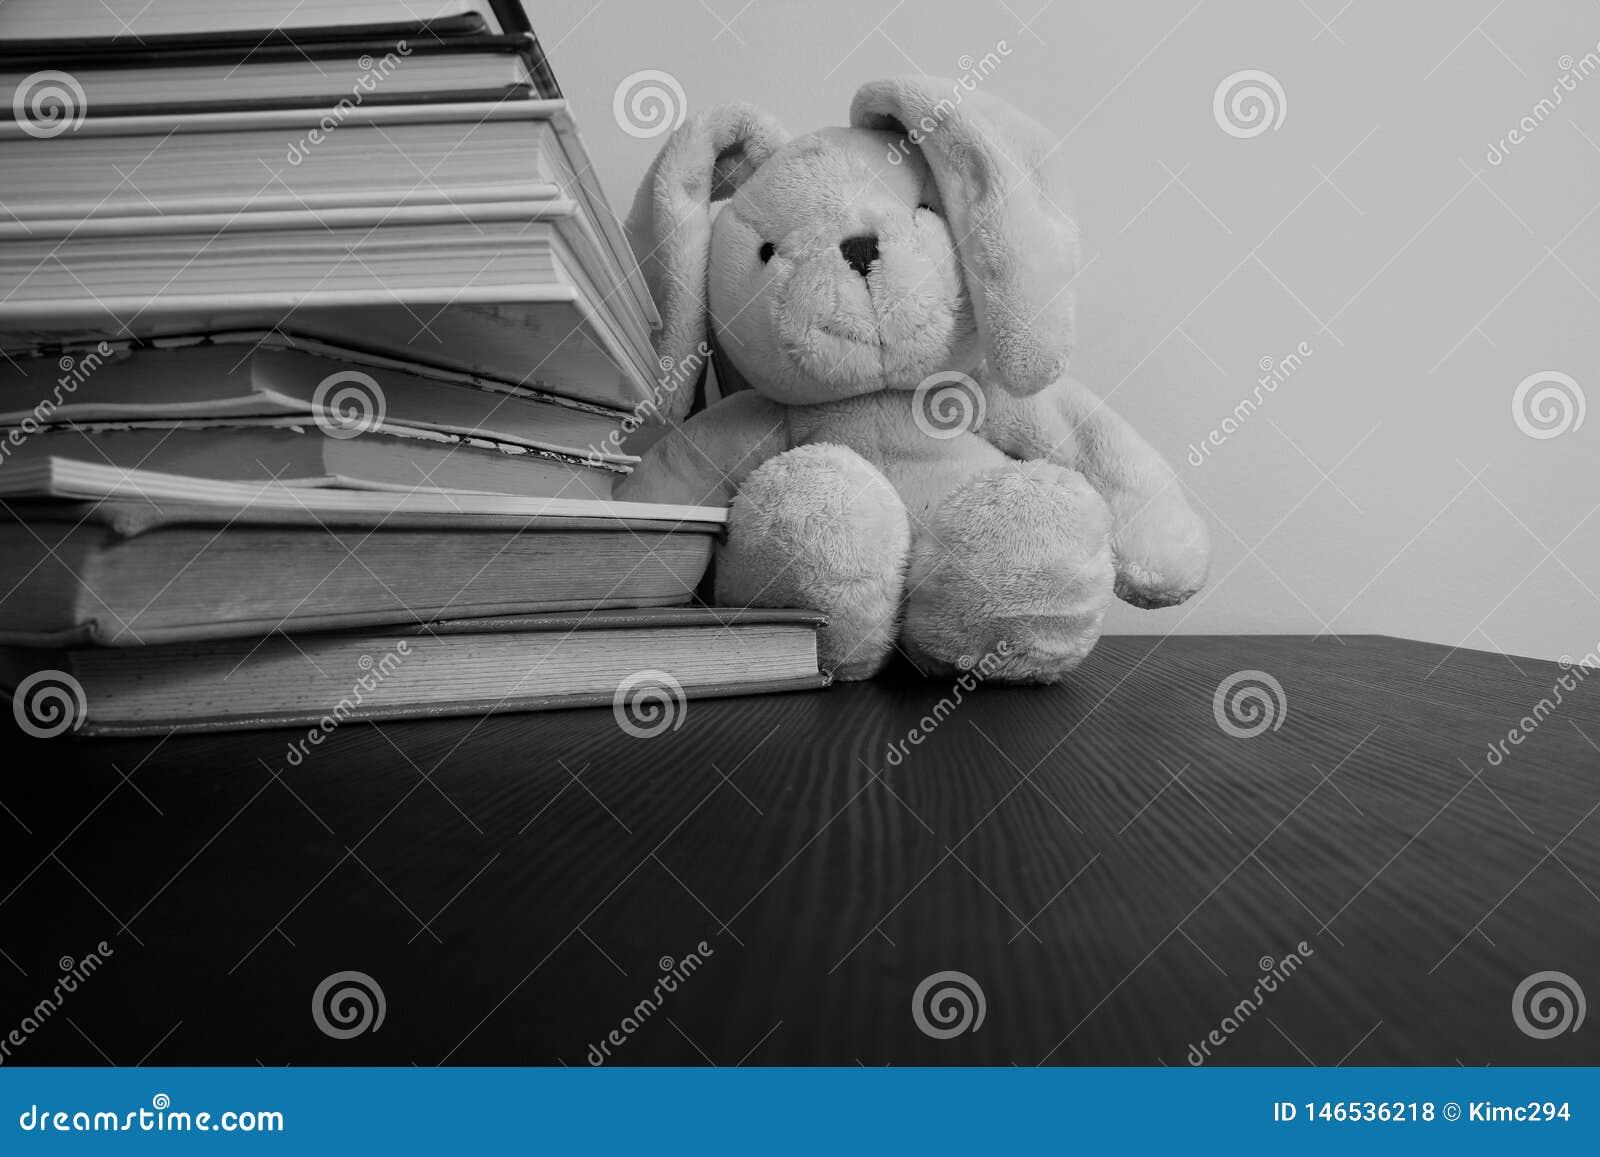 Svartvitt foto av en flott leksak för kanin som sitter i bakgrunden av staplade böcker